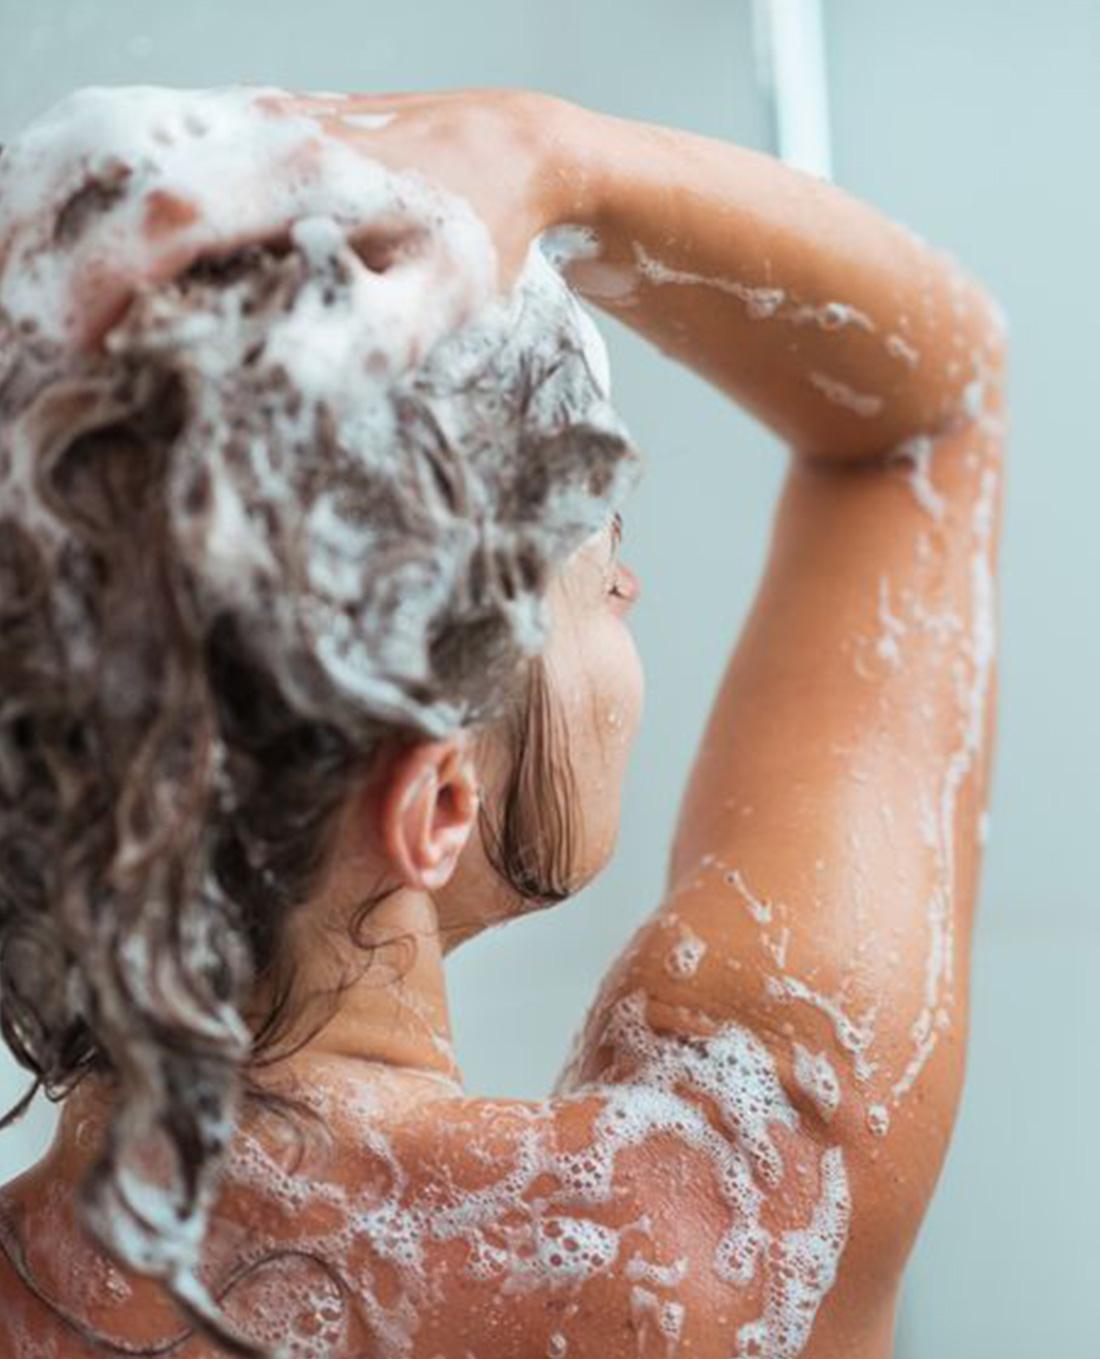 Dit gebeurt er met je haar als je eerst conditioner gebruikt en dan pas shampoo